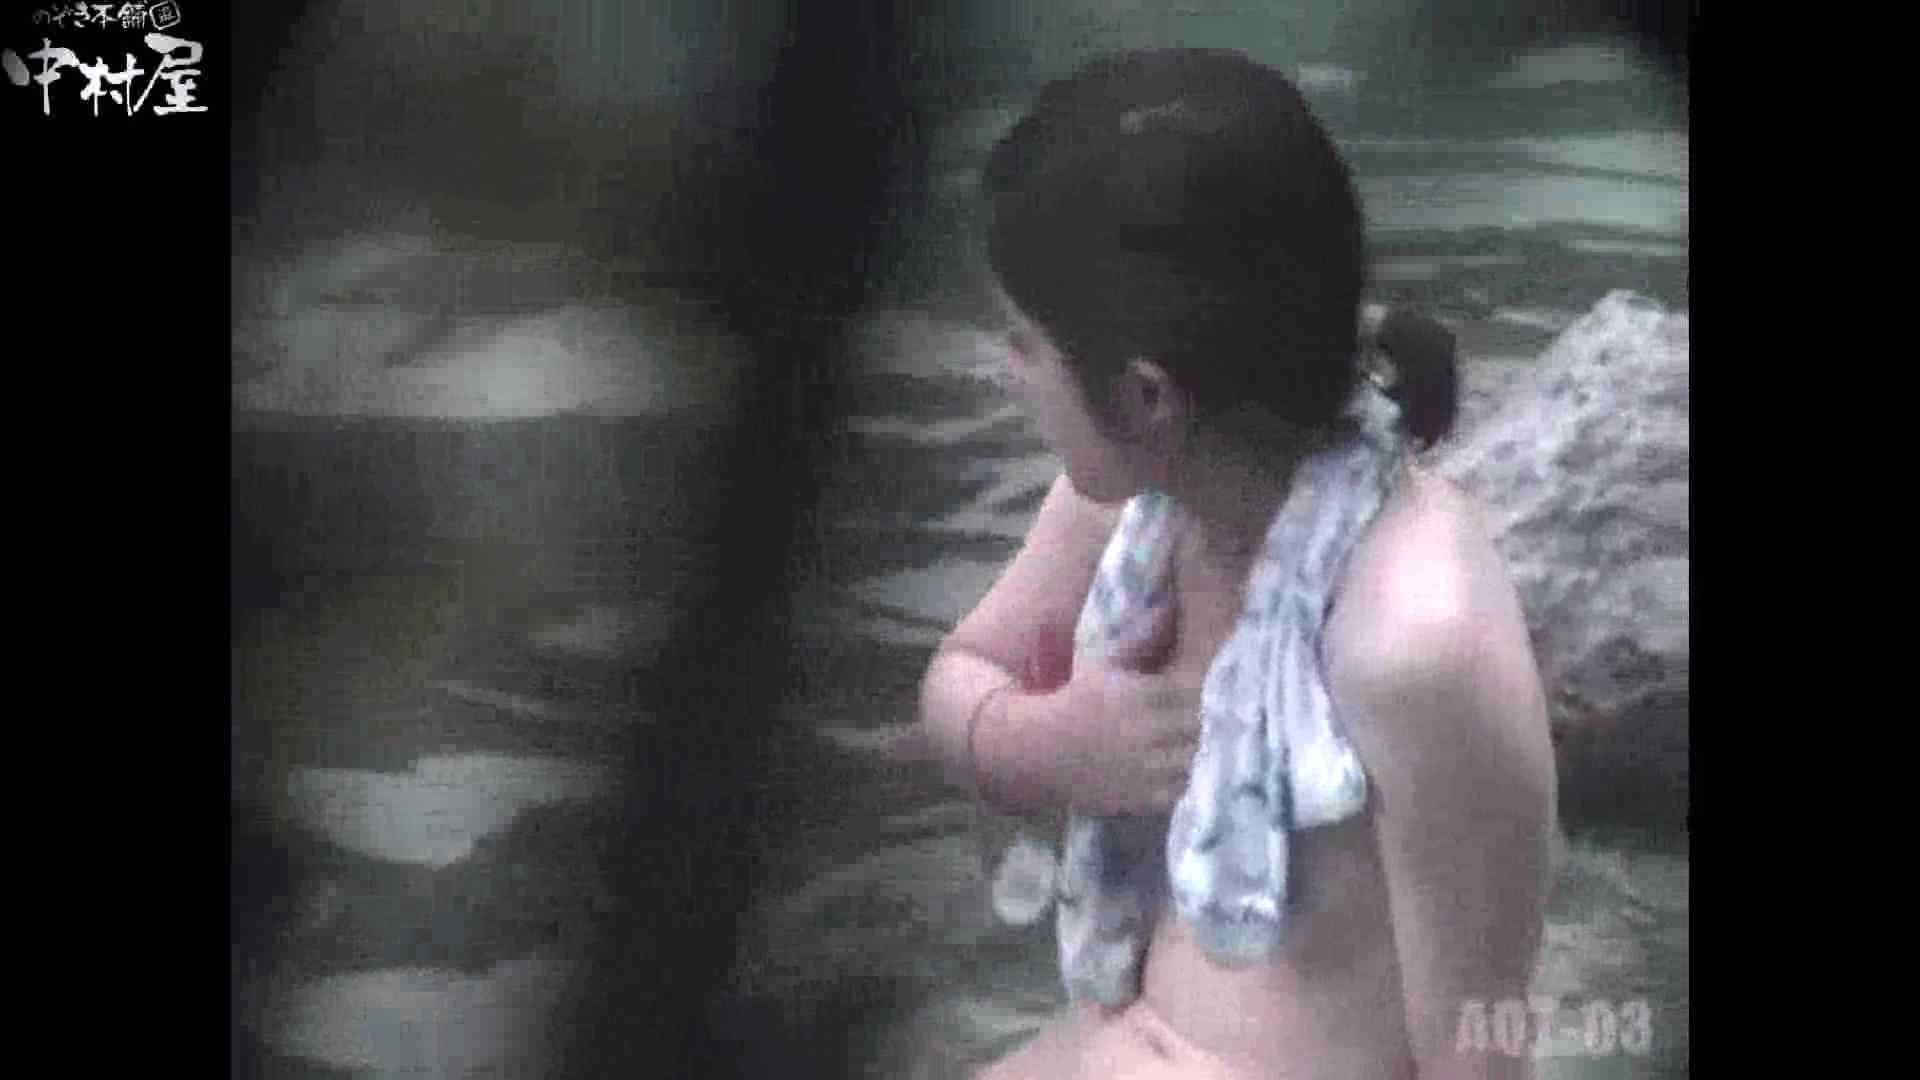 Aquaな露天風呂Vol.867潜入盗撮露天風呂参判湯 其の八 盗撮 | 潜入  103連発 77